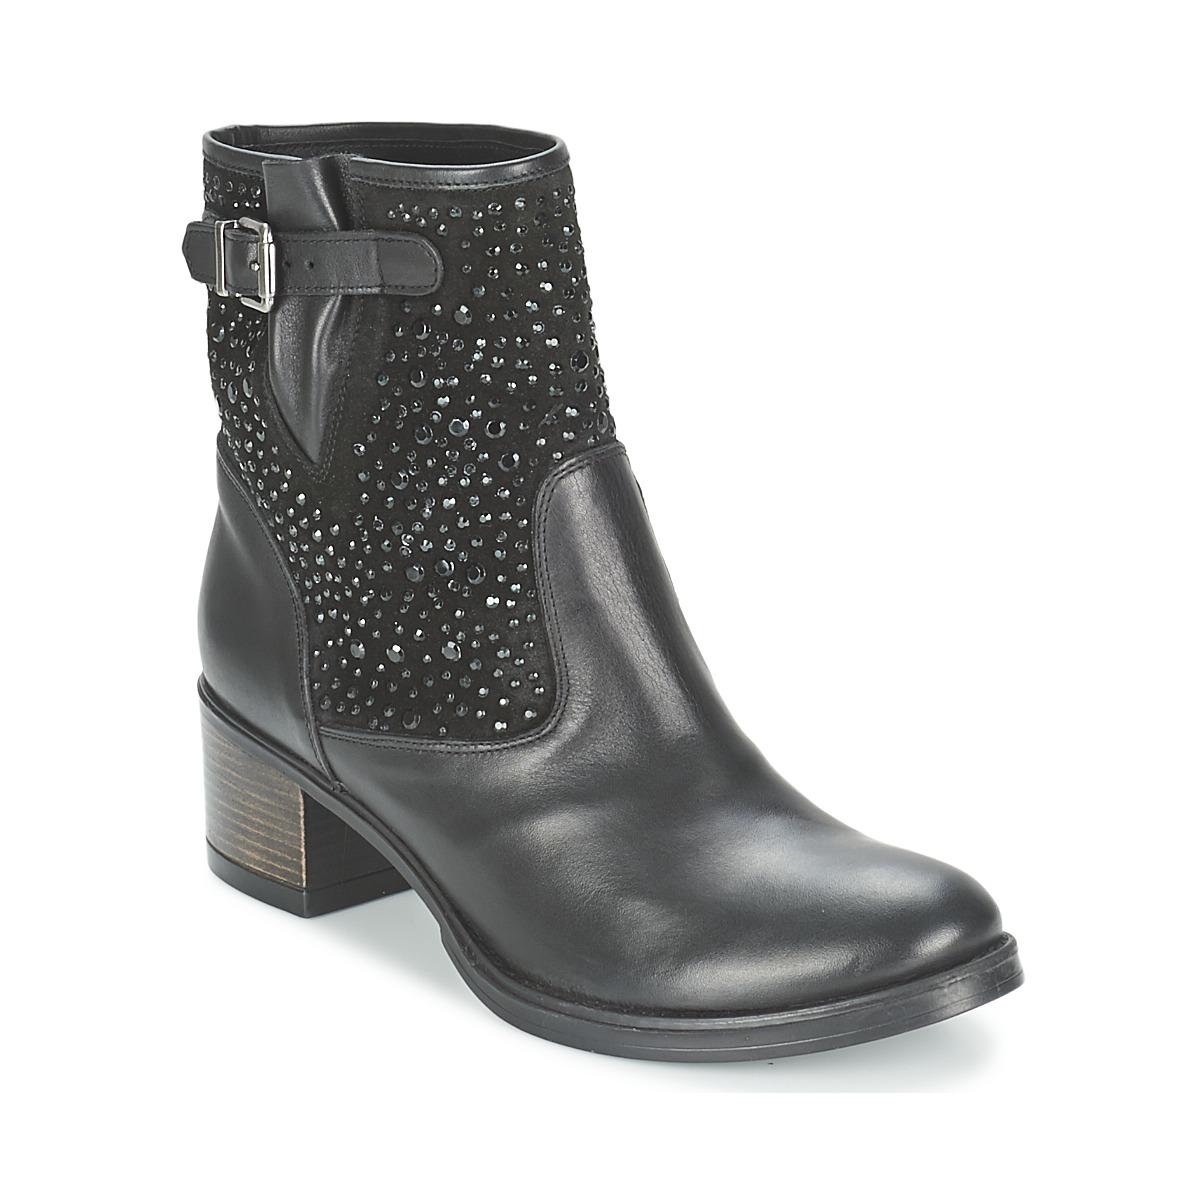 Meline NERCRO Schwarz - Kostenloser Versand bei Spartoode ! - Schuhe Low Boots Damen 89,90 €